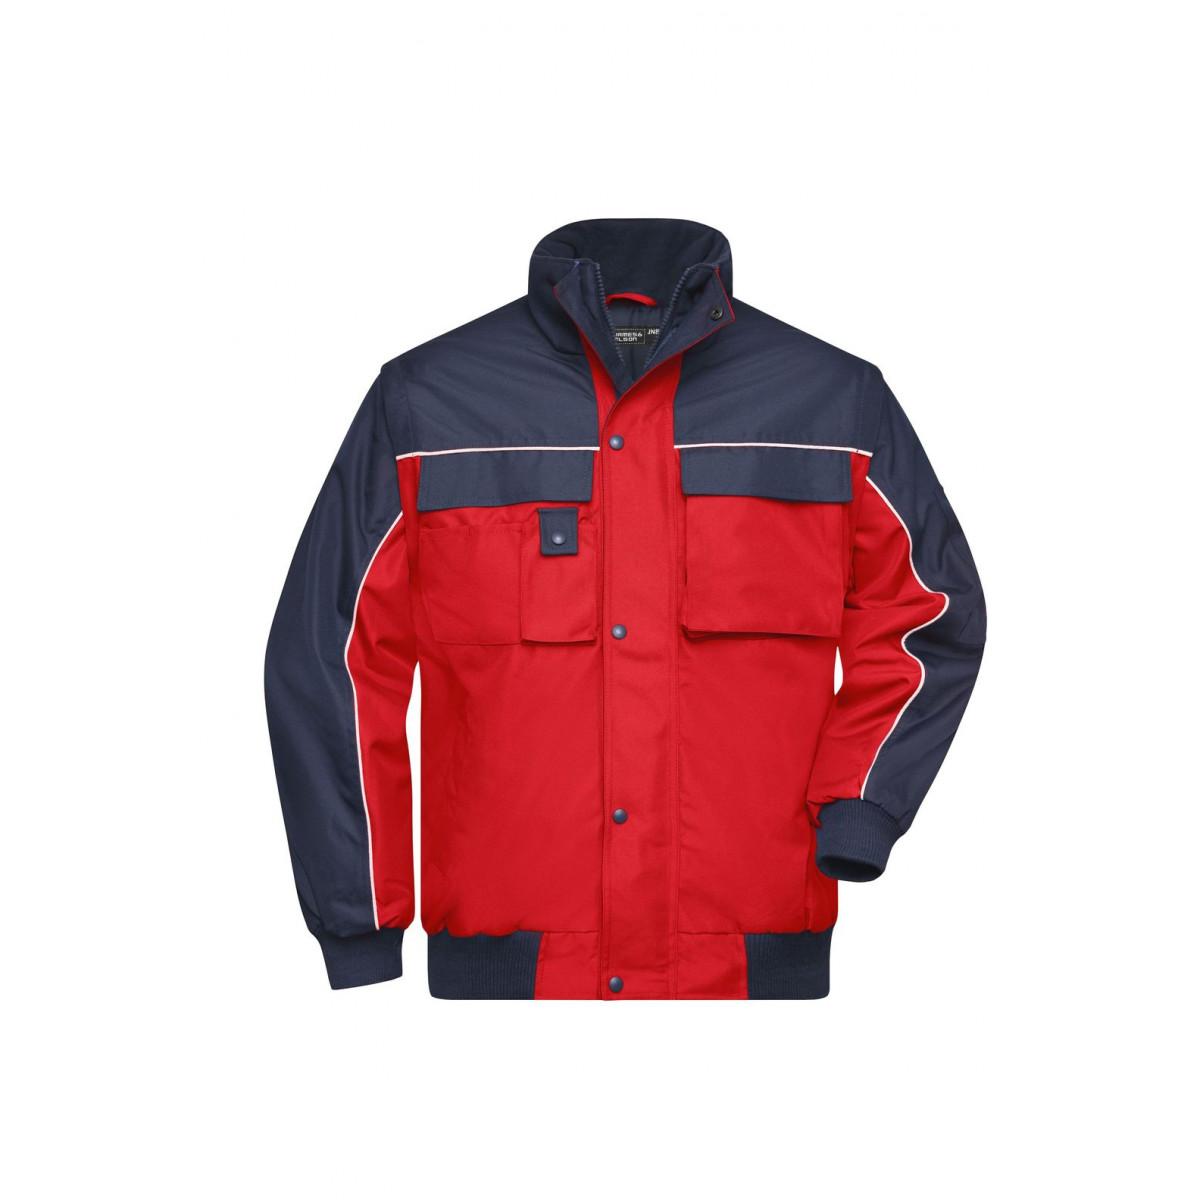 Куртка мужская JN810 Workwear Jacket - Красный/Темно-синий